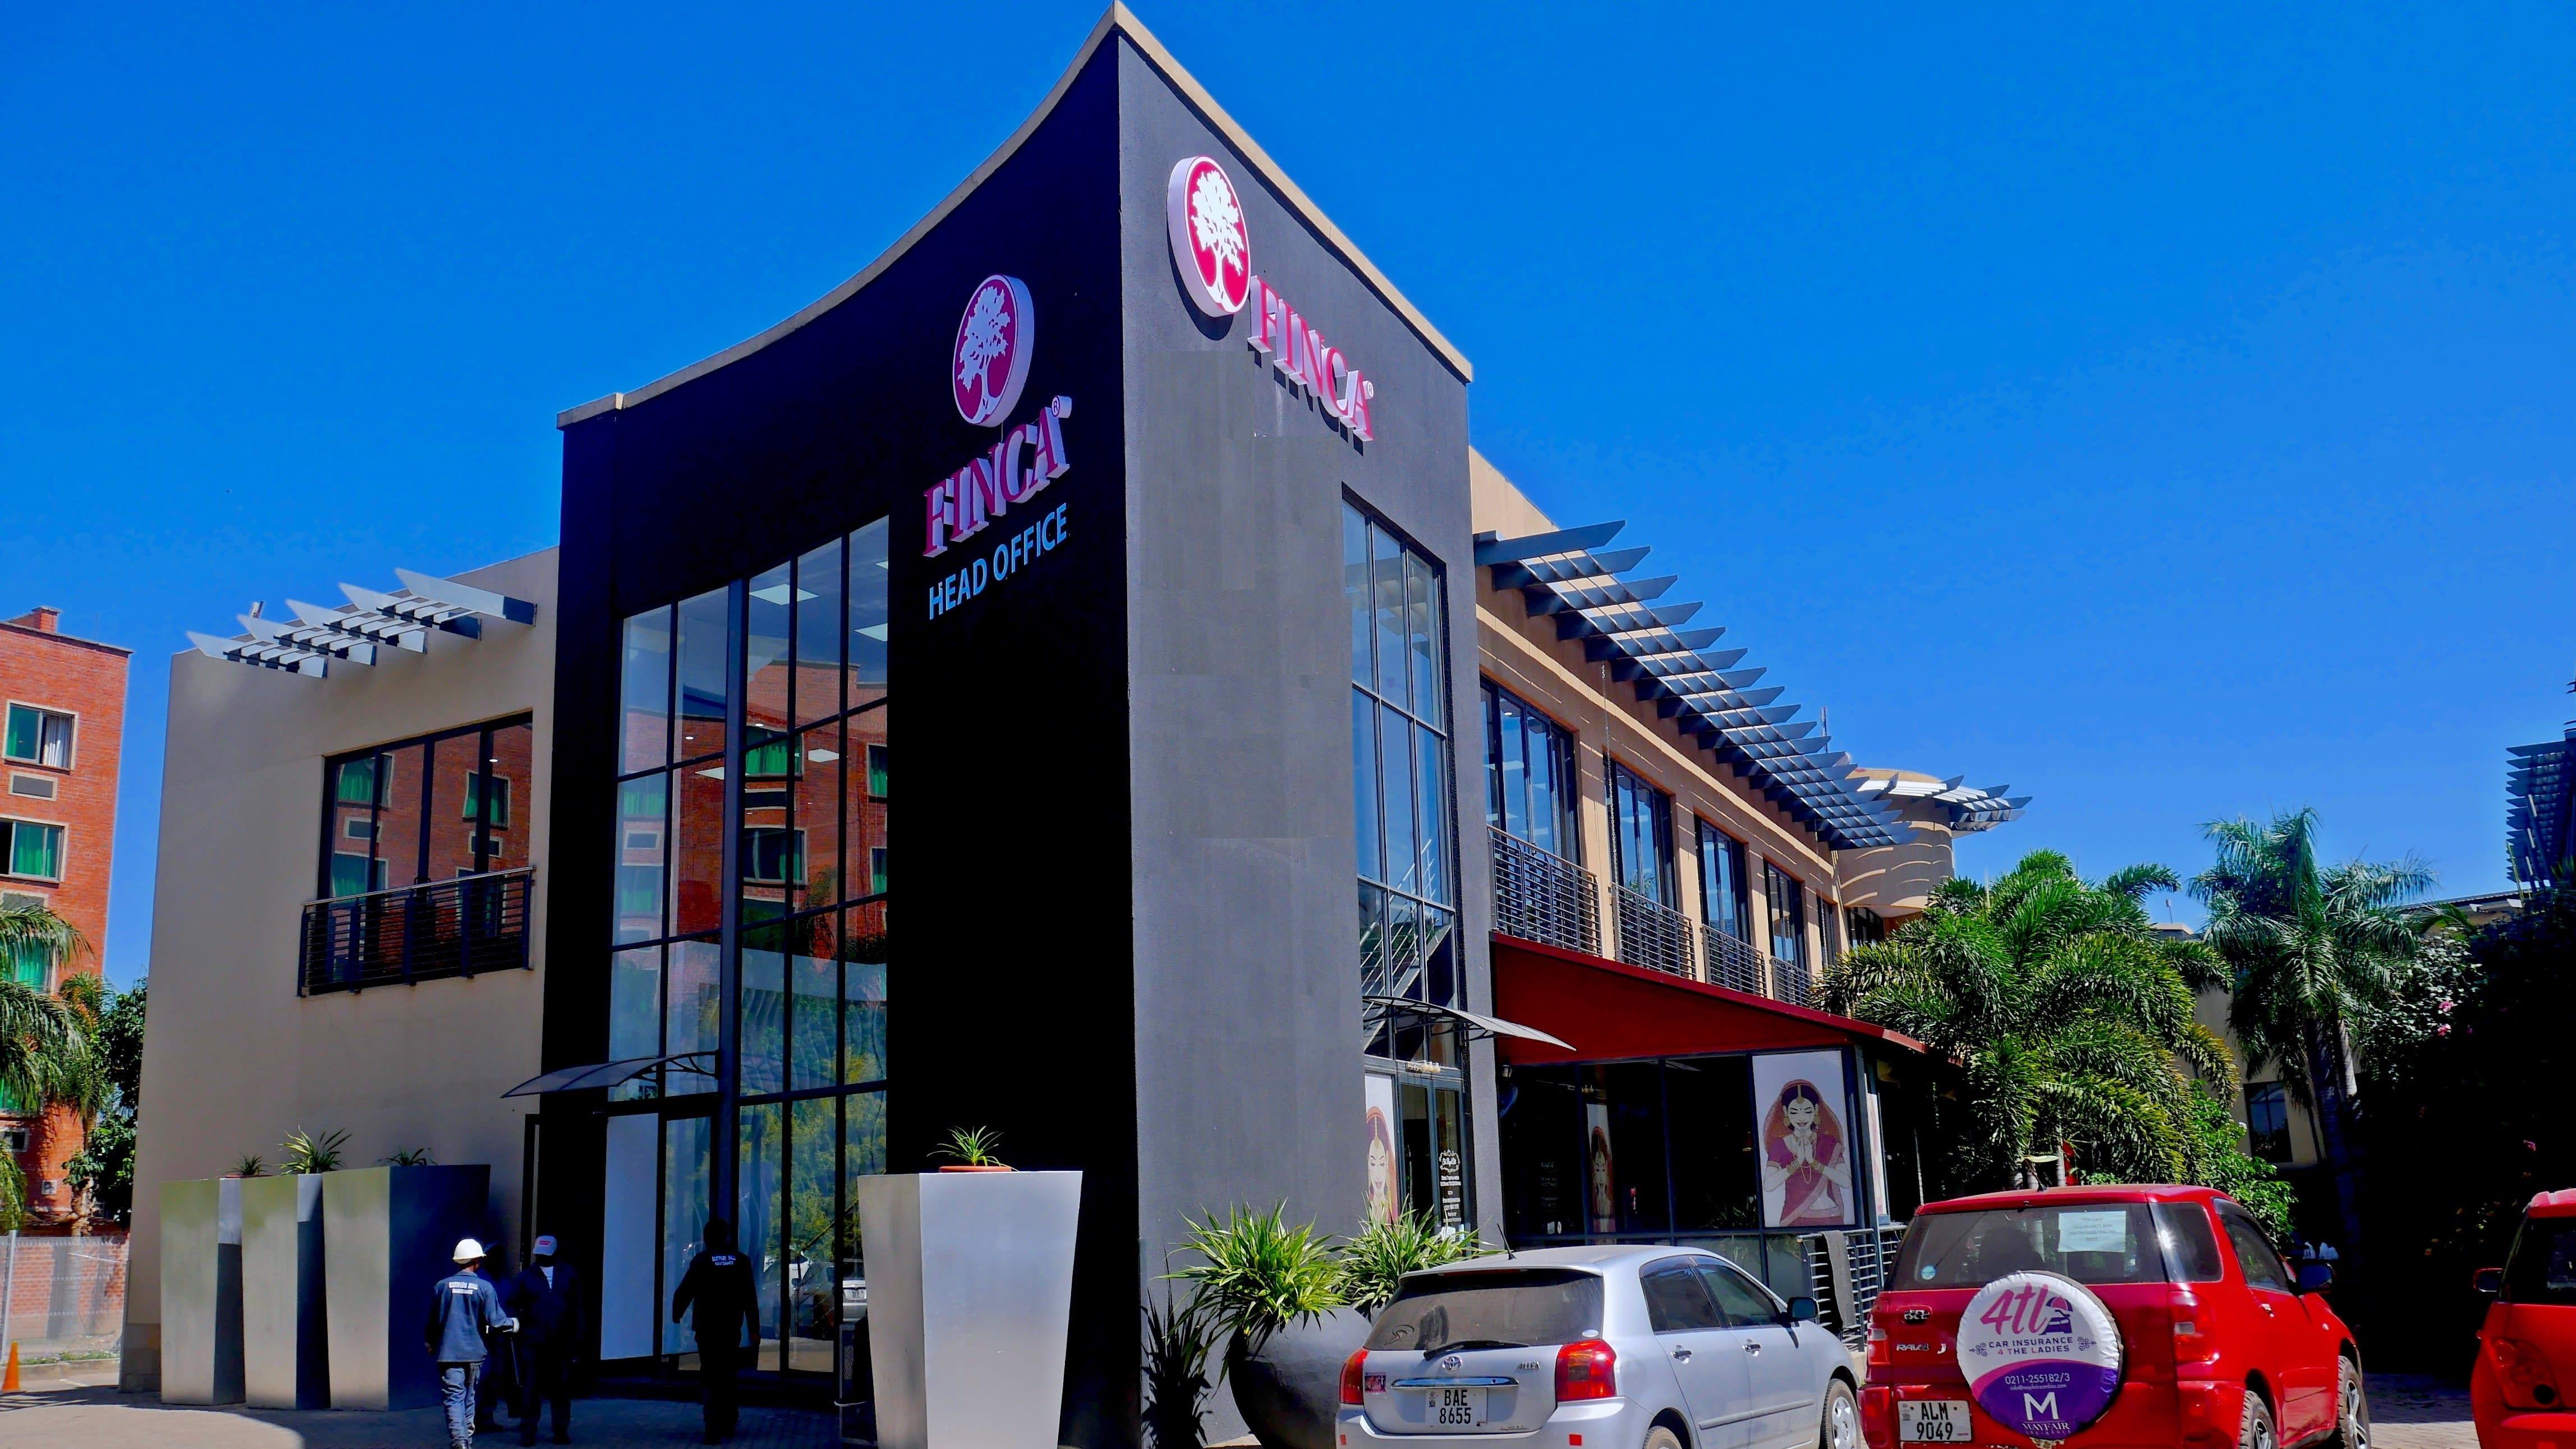 FINCA Zambia image